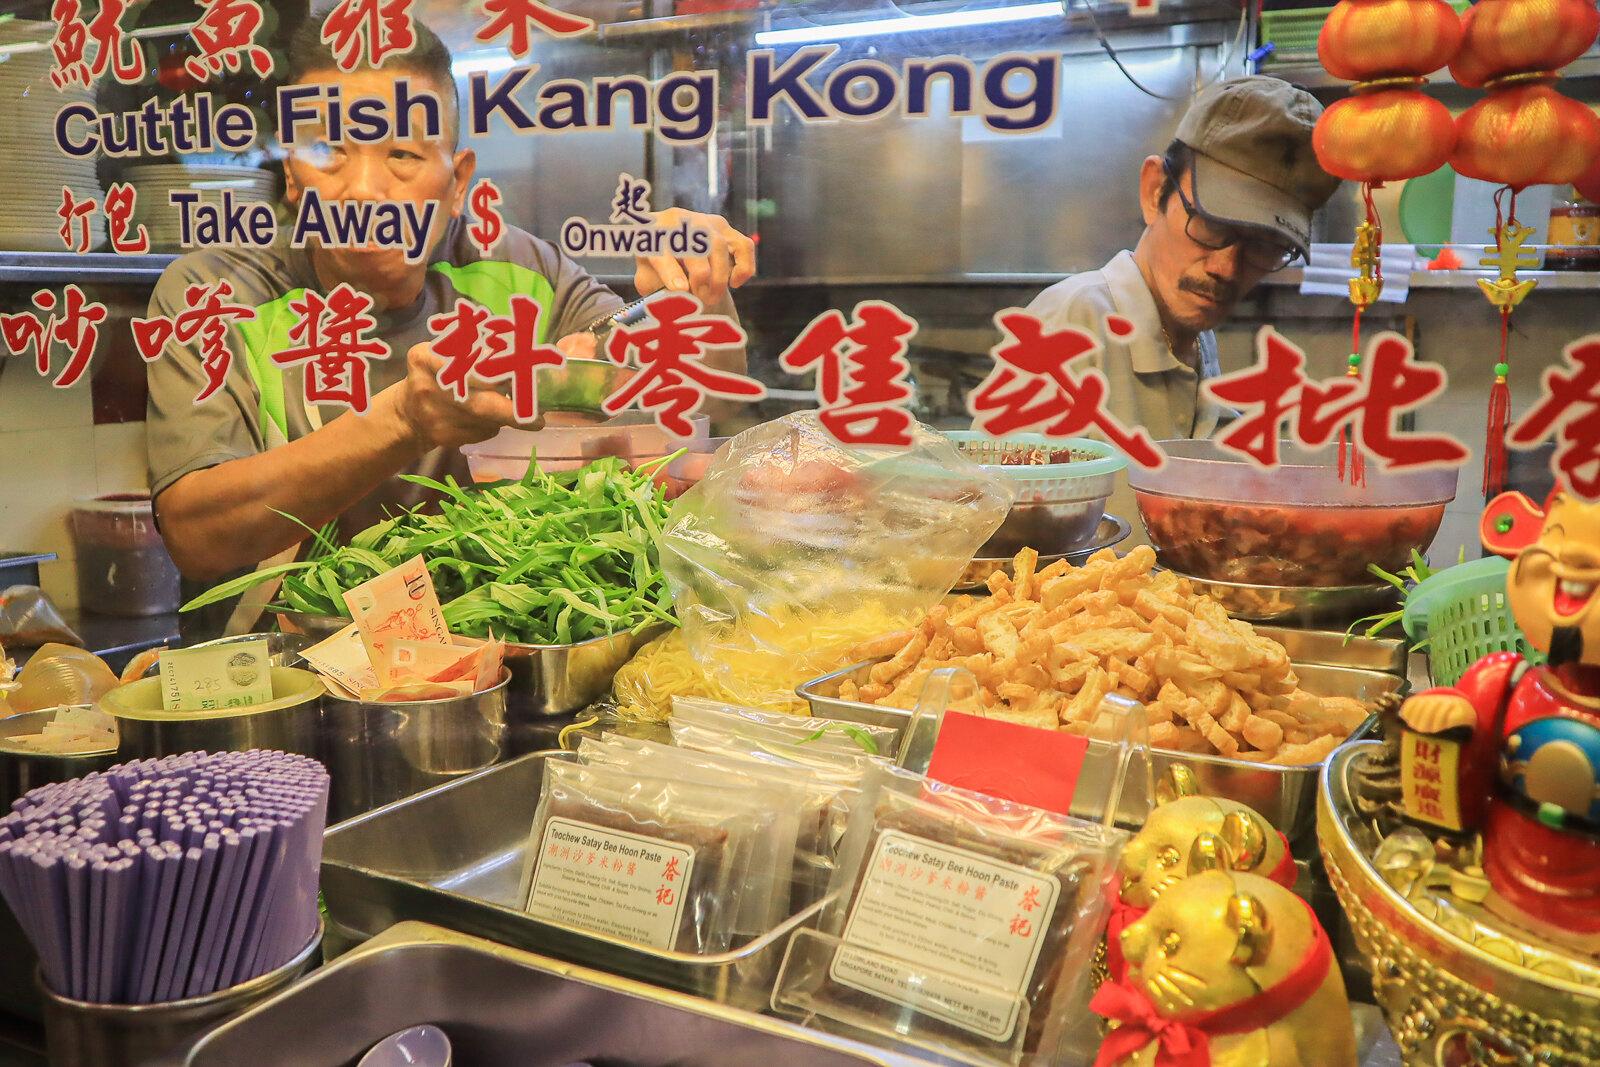 Bak Kee Teochew Satay Bee Hoon raw ingredients